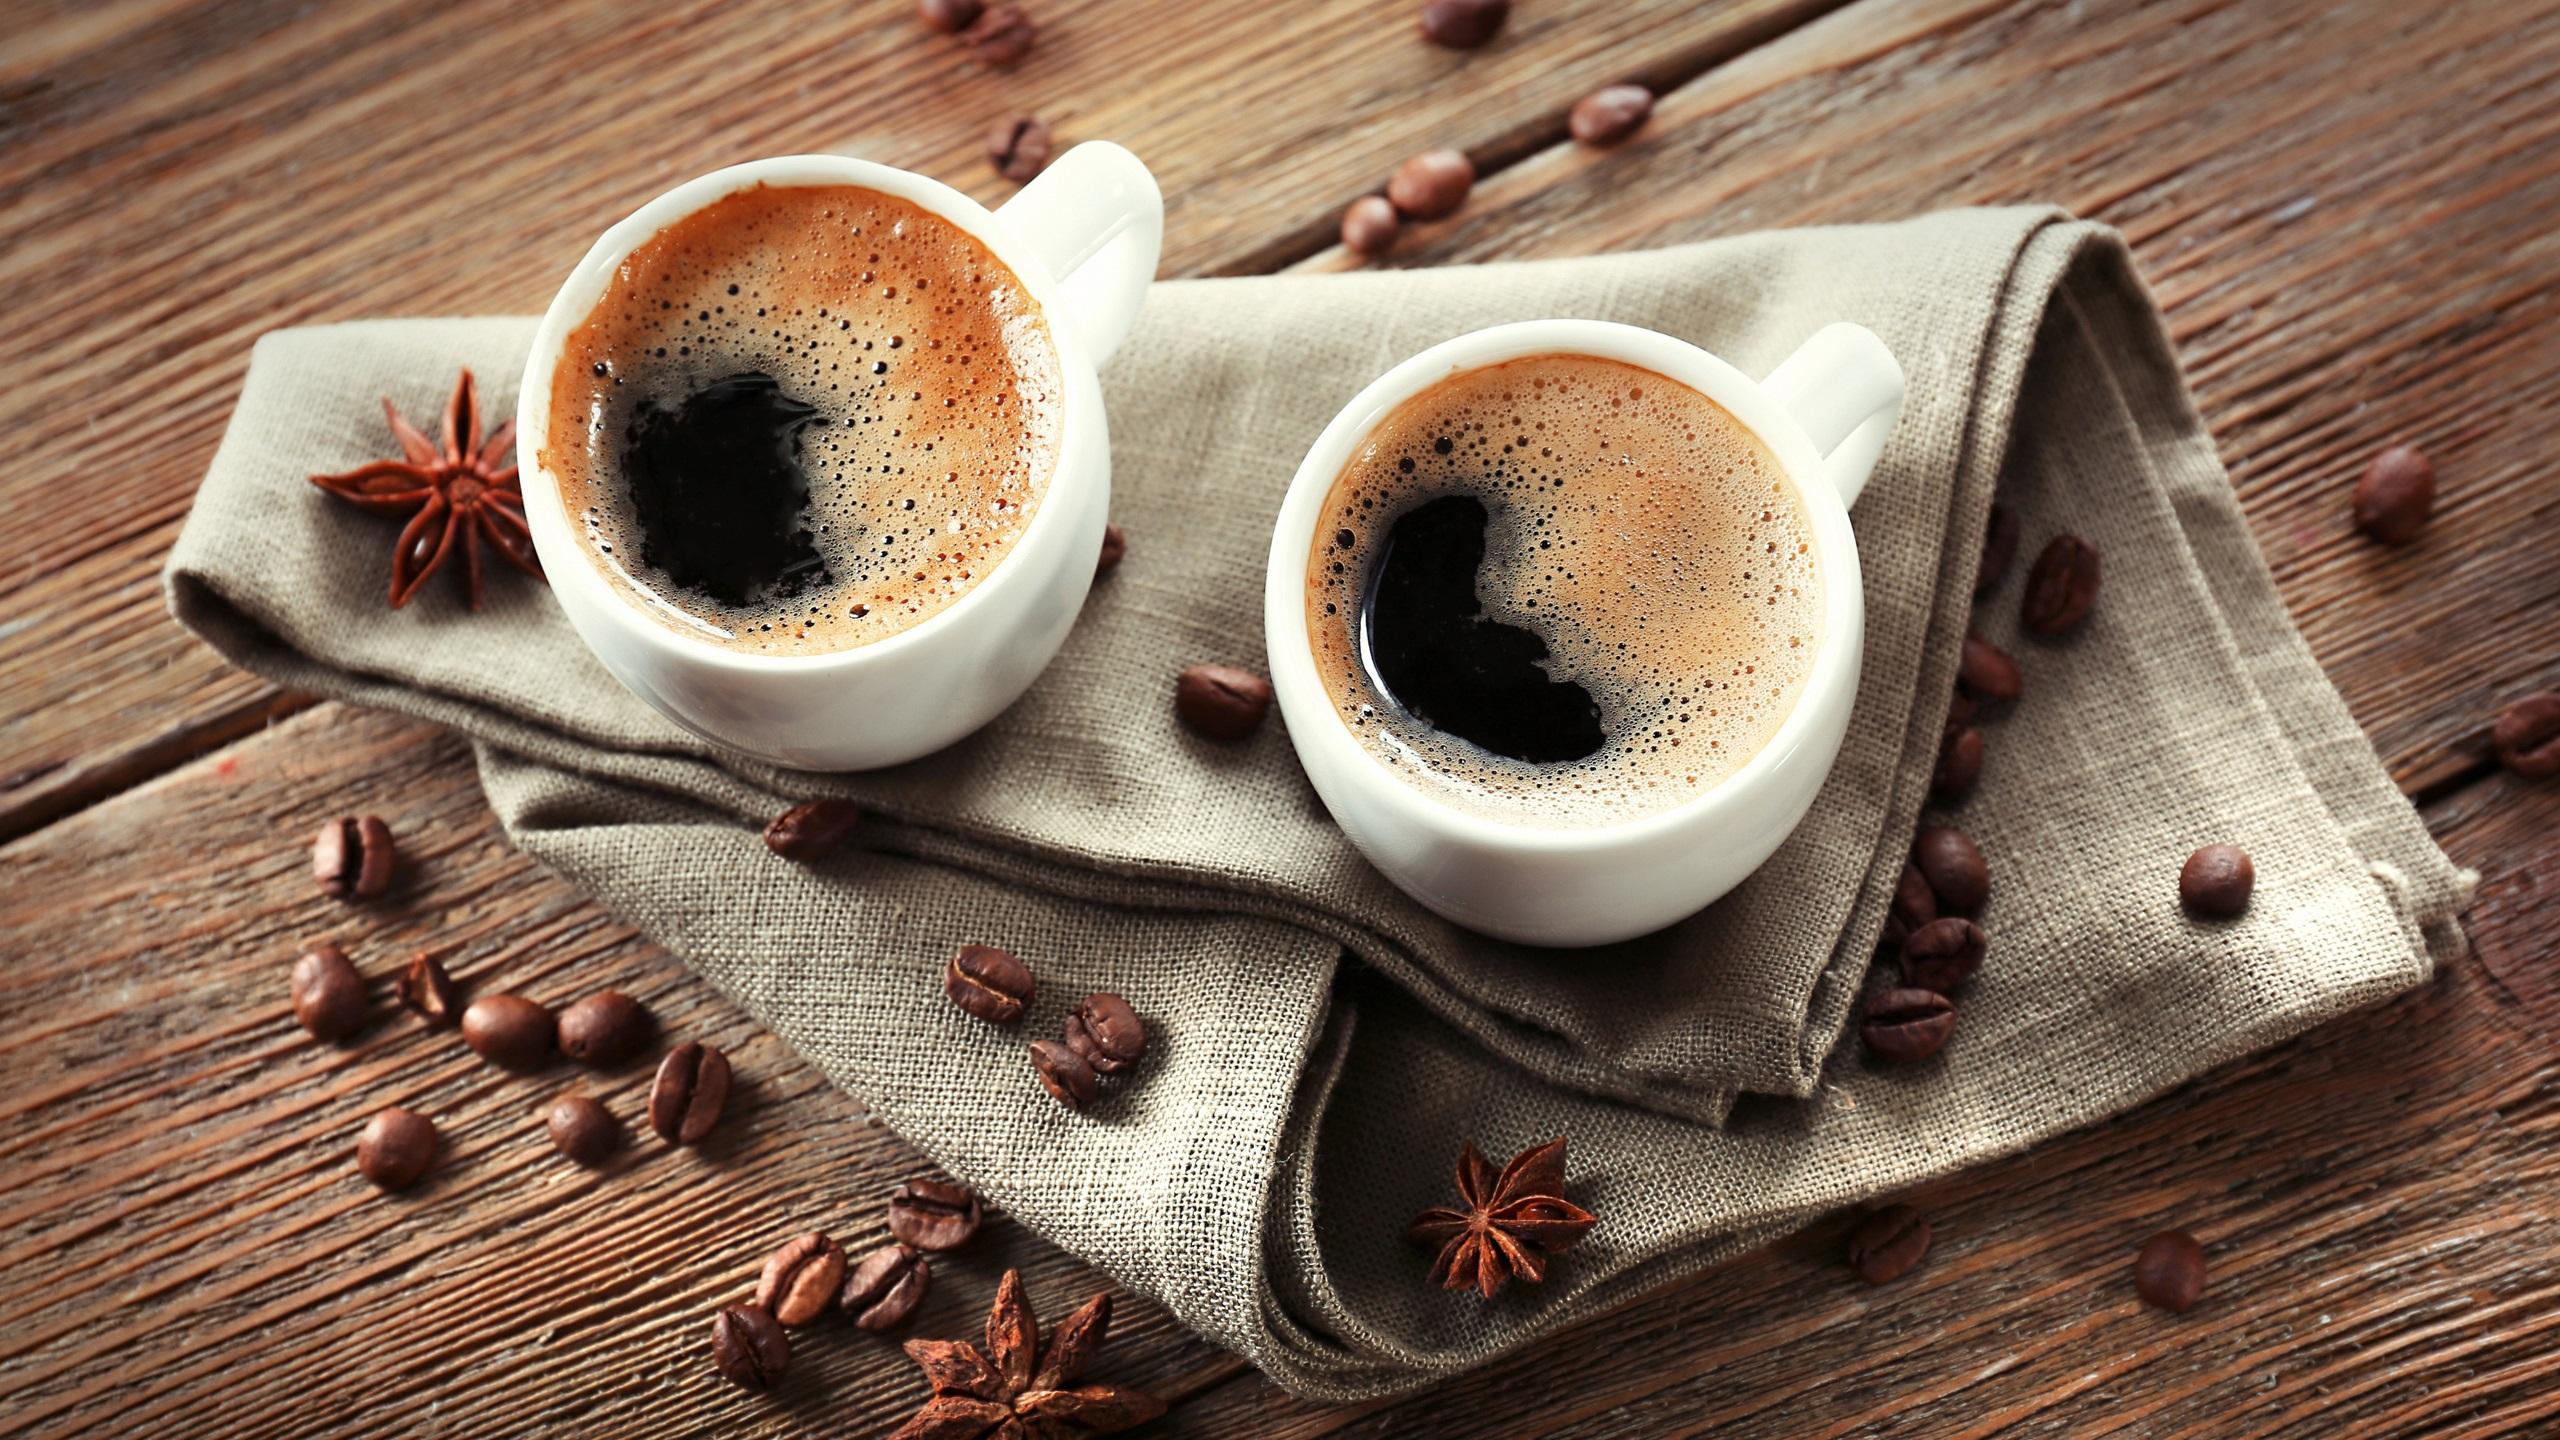 такие кексы фото две чашки кофе красивые говоря уже